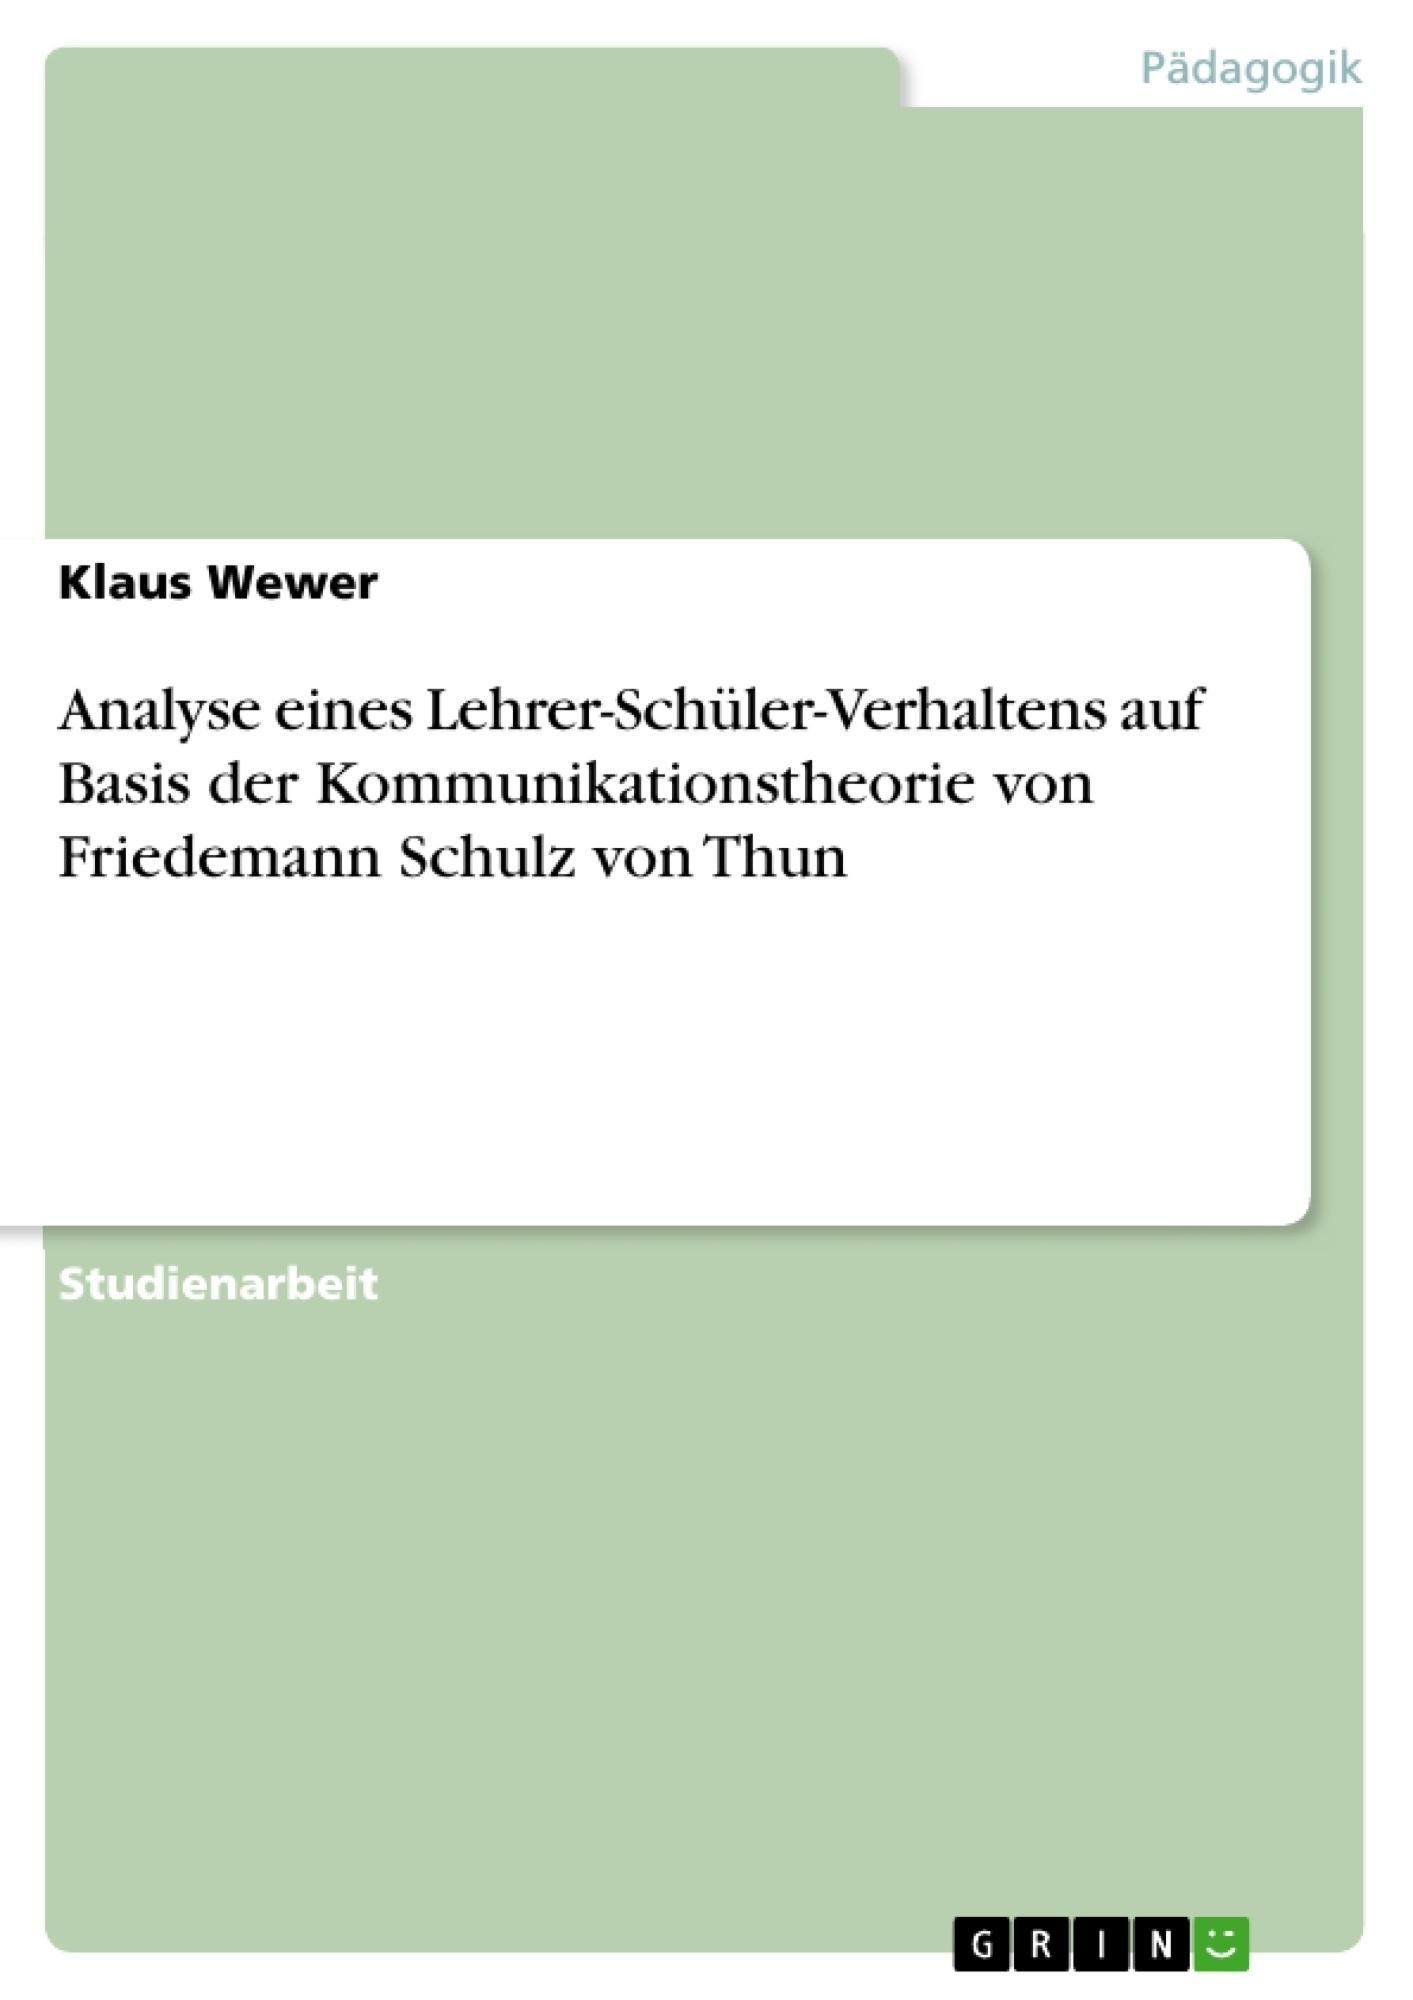 Titel: Analyse eines Lehrer-Schüler-Verhaltens auf Basis der Kommunikationstheorie von Friedemann Schulz von Thun